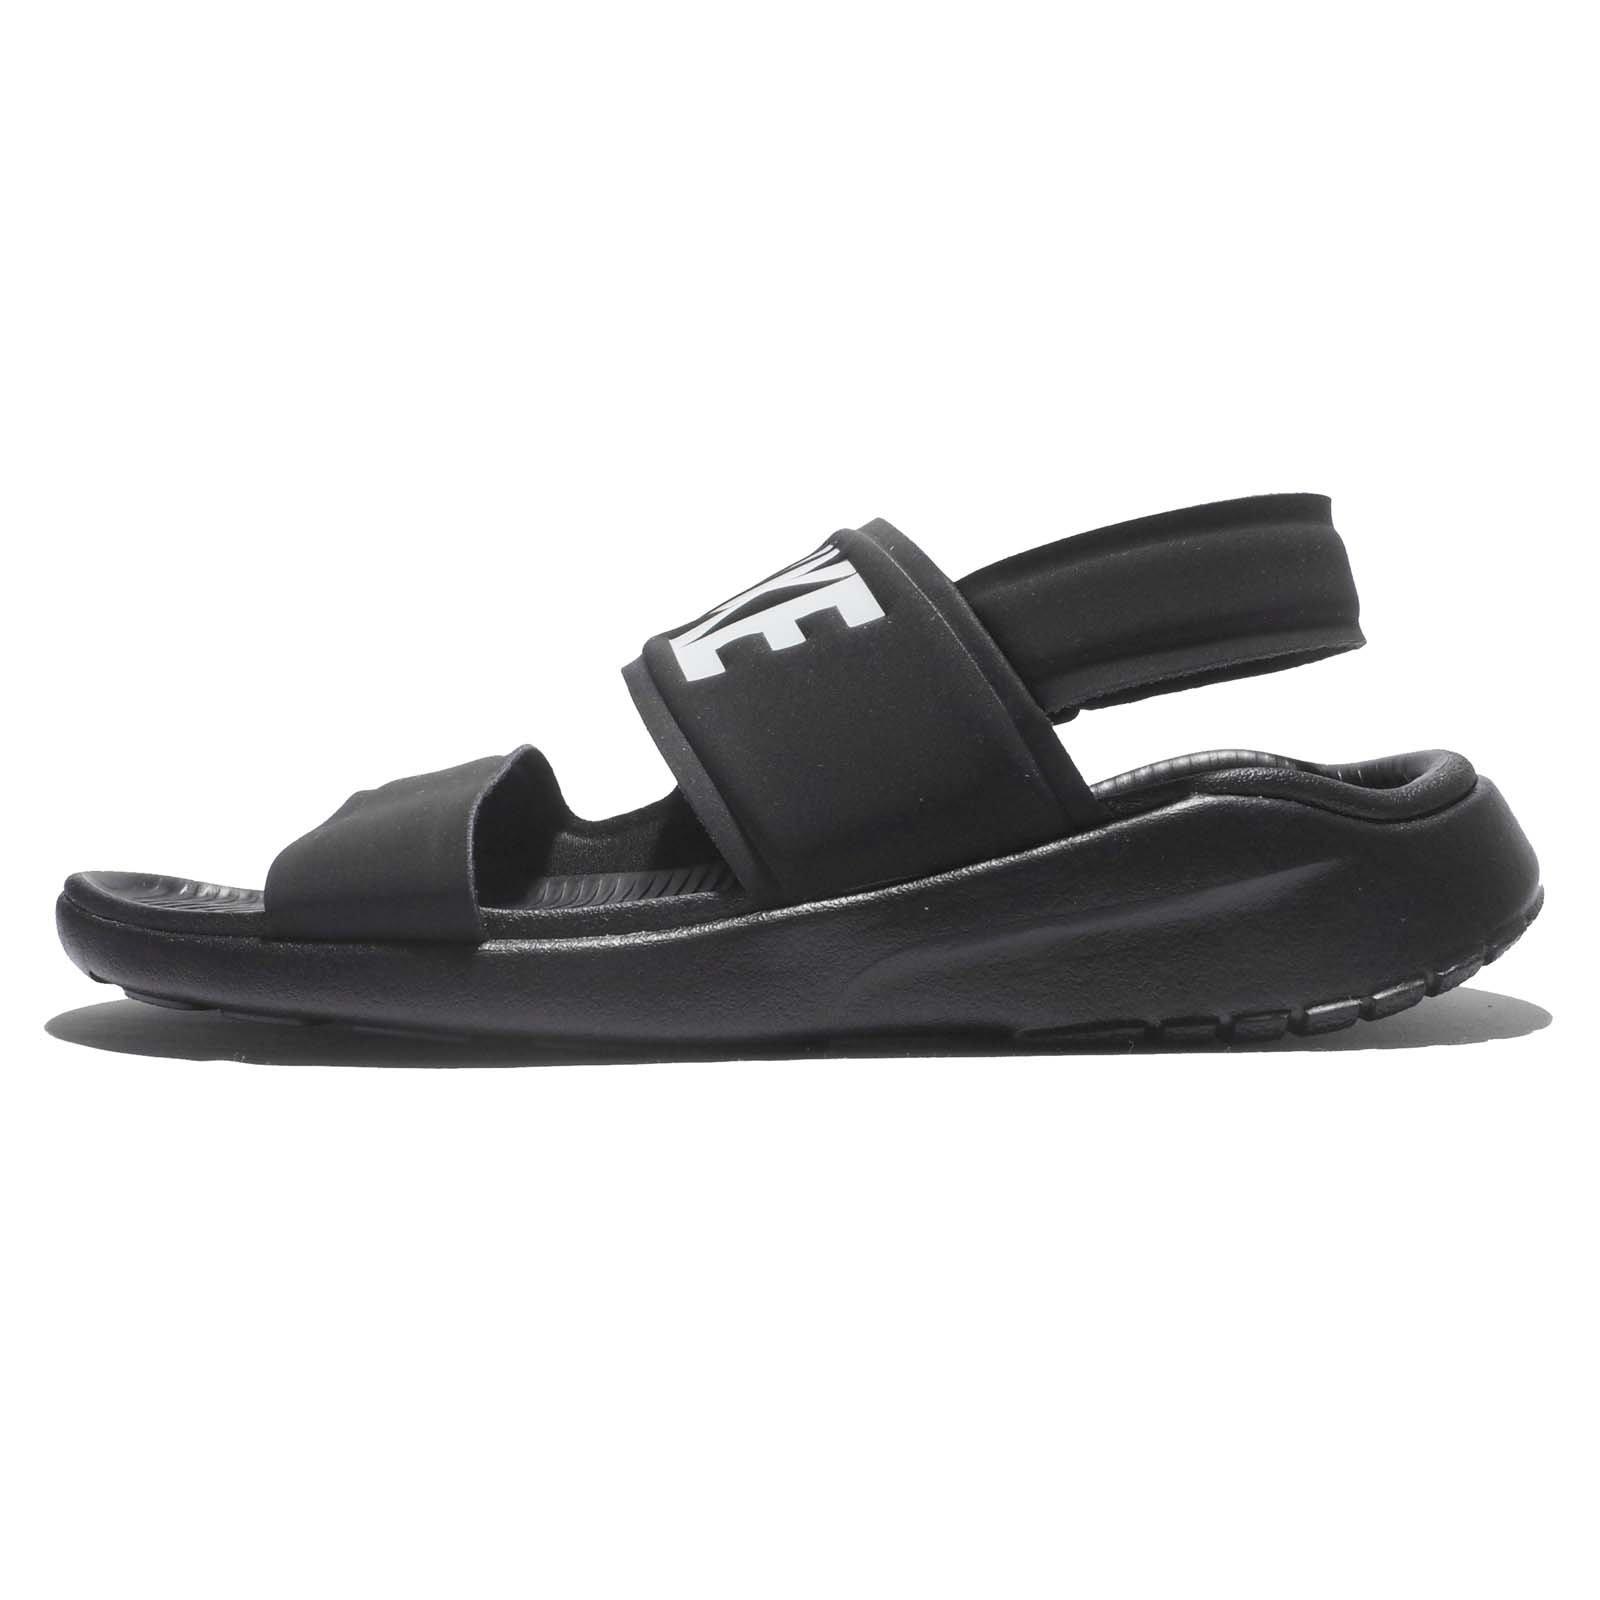 buy online 5a083 c76a9 Galleon - Nike Tanjun Womens Sandal Black White Black 882694-001 (12 B(M) US )